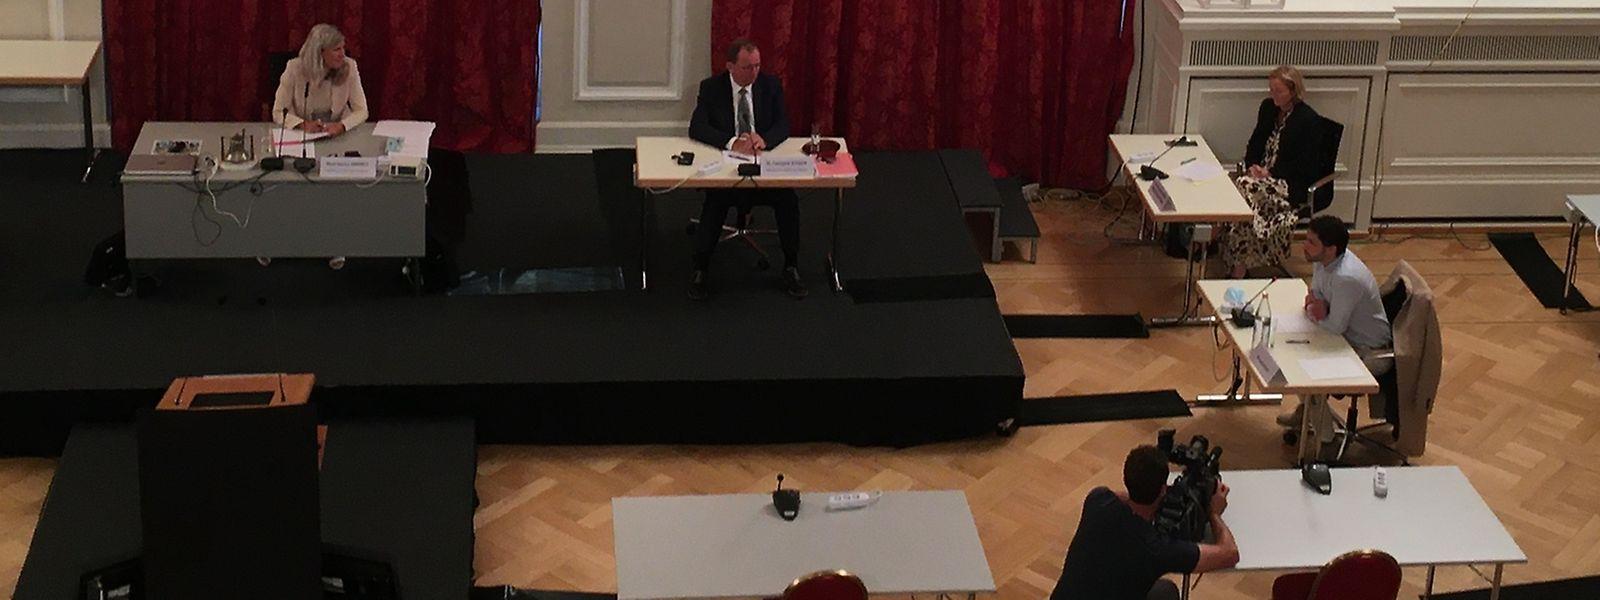 Nancy Kemp-Arendt, Fernand Etgen, Gesundheitsministerin Paulette Lenert und José Castro (vlnr) bei der öffentlichen Anhörung.